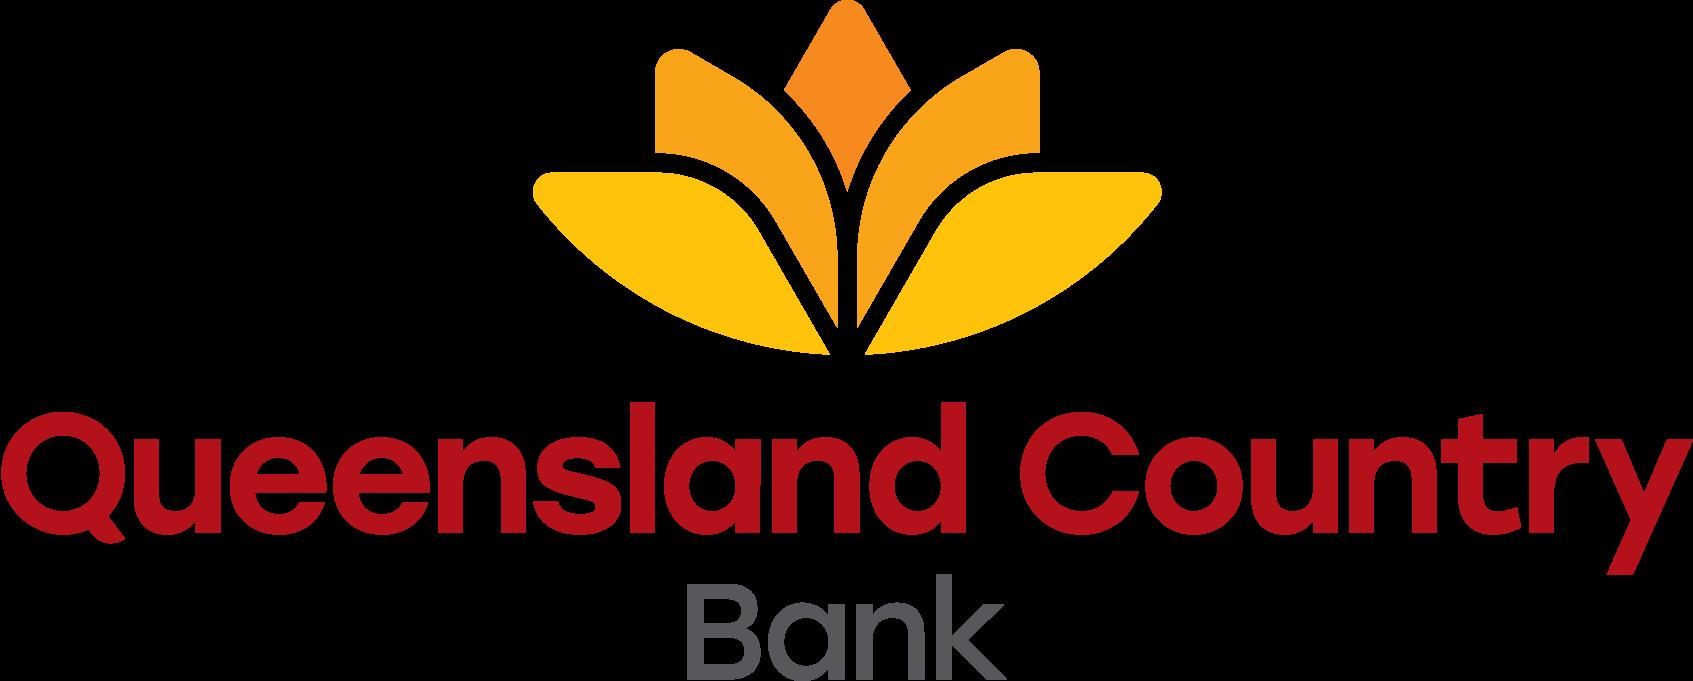 Queensland Country Bank - GOLD SPONSOR